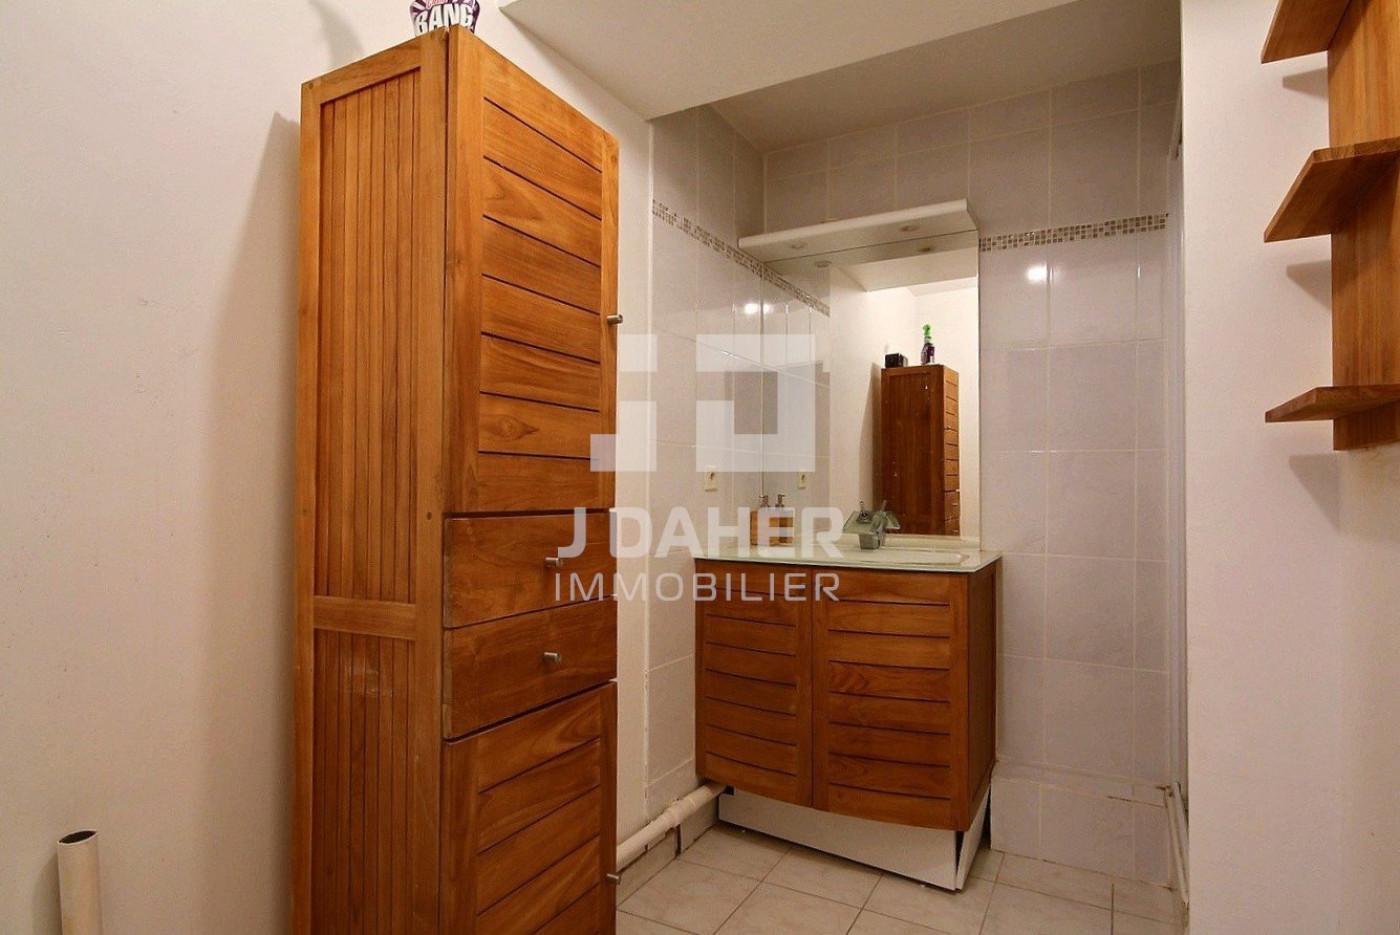 A vendre  Marseille 10eme Arrondissement | Réf 13025973 - J daher immobilier